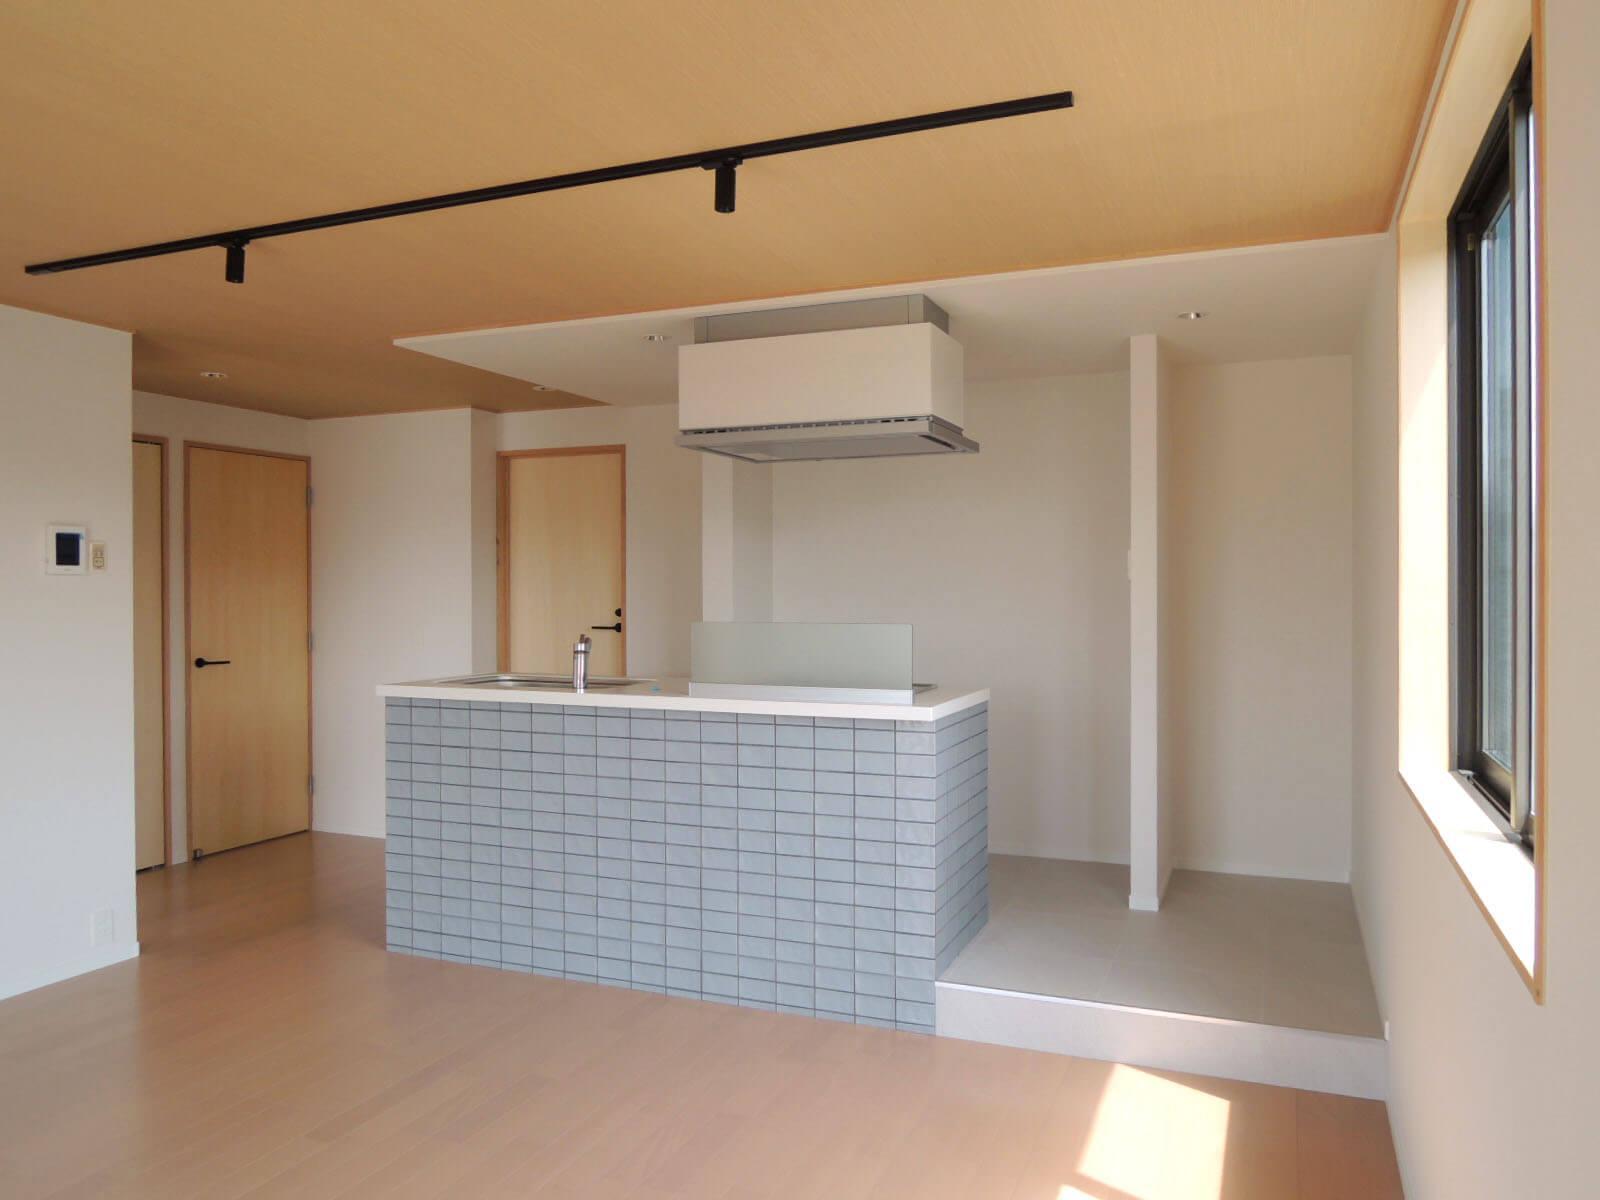 304: キッチンの背面にバストイレ、左のドアが玄関